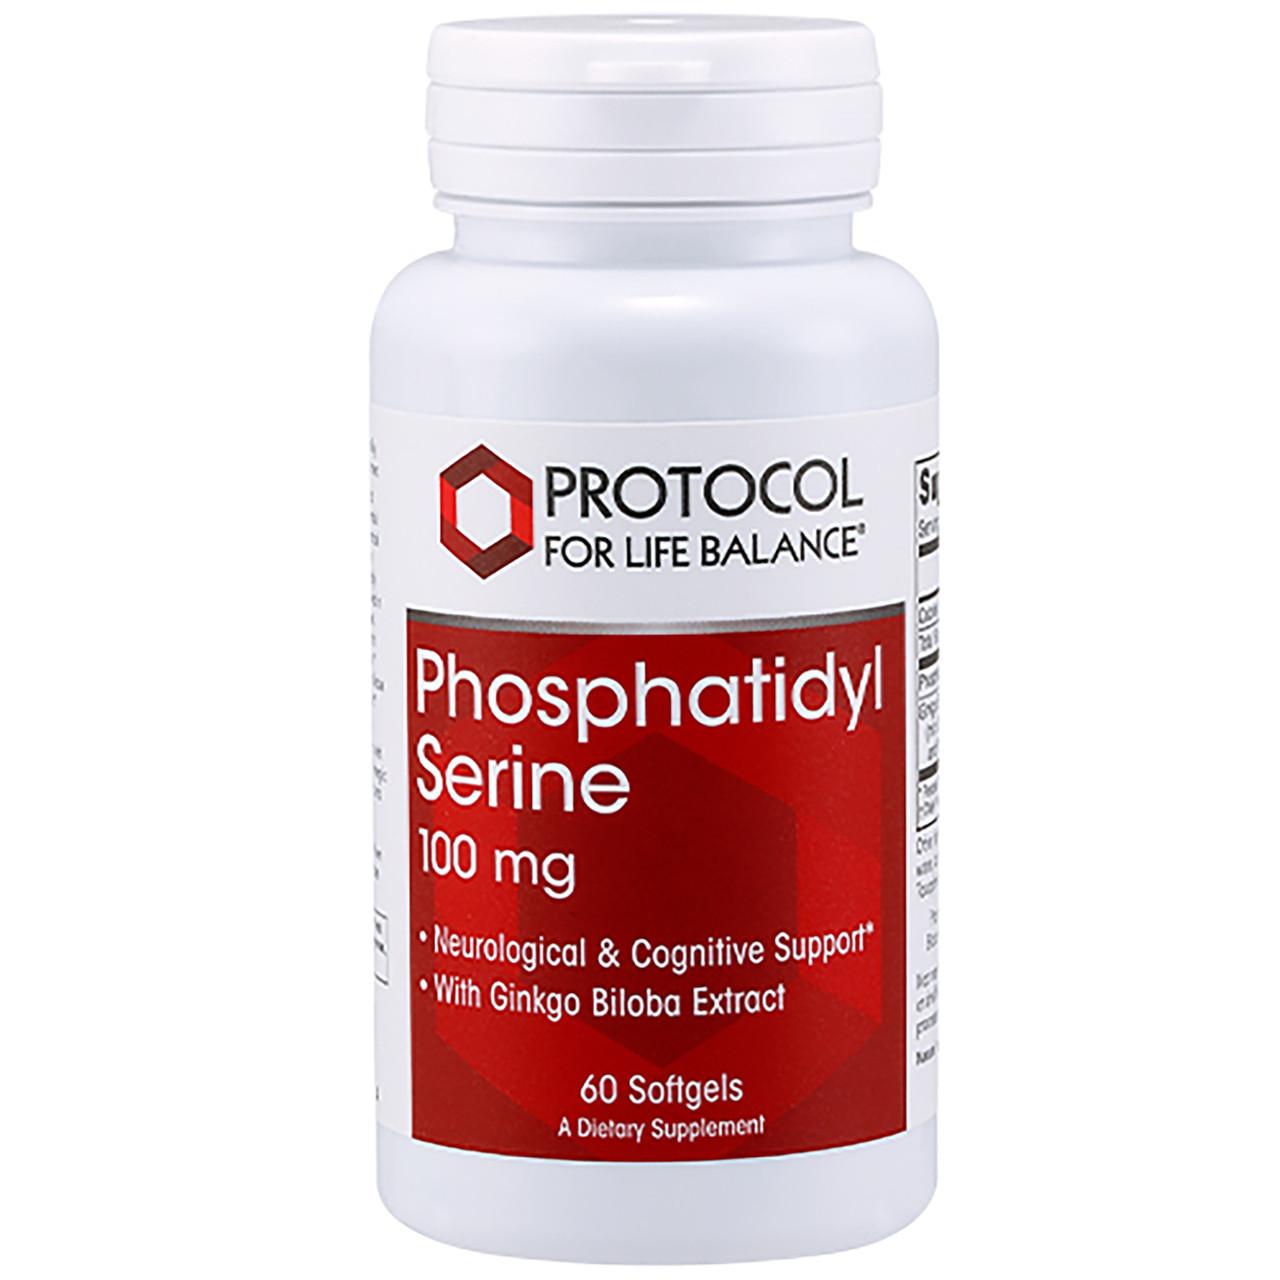 Protocol for Life Balance Phosphatidyl Serine 100mg